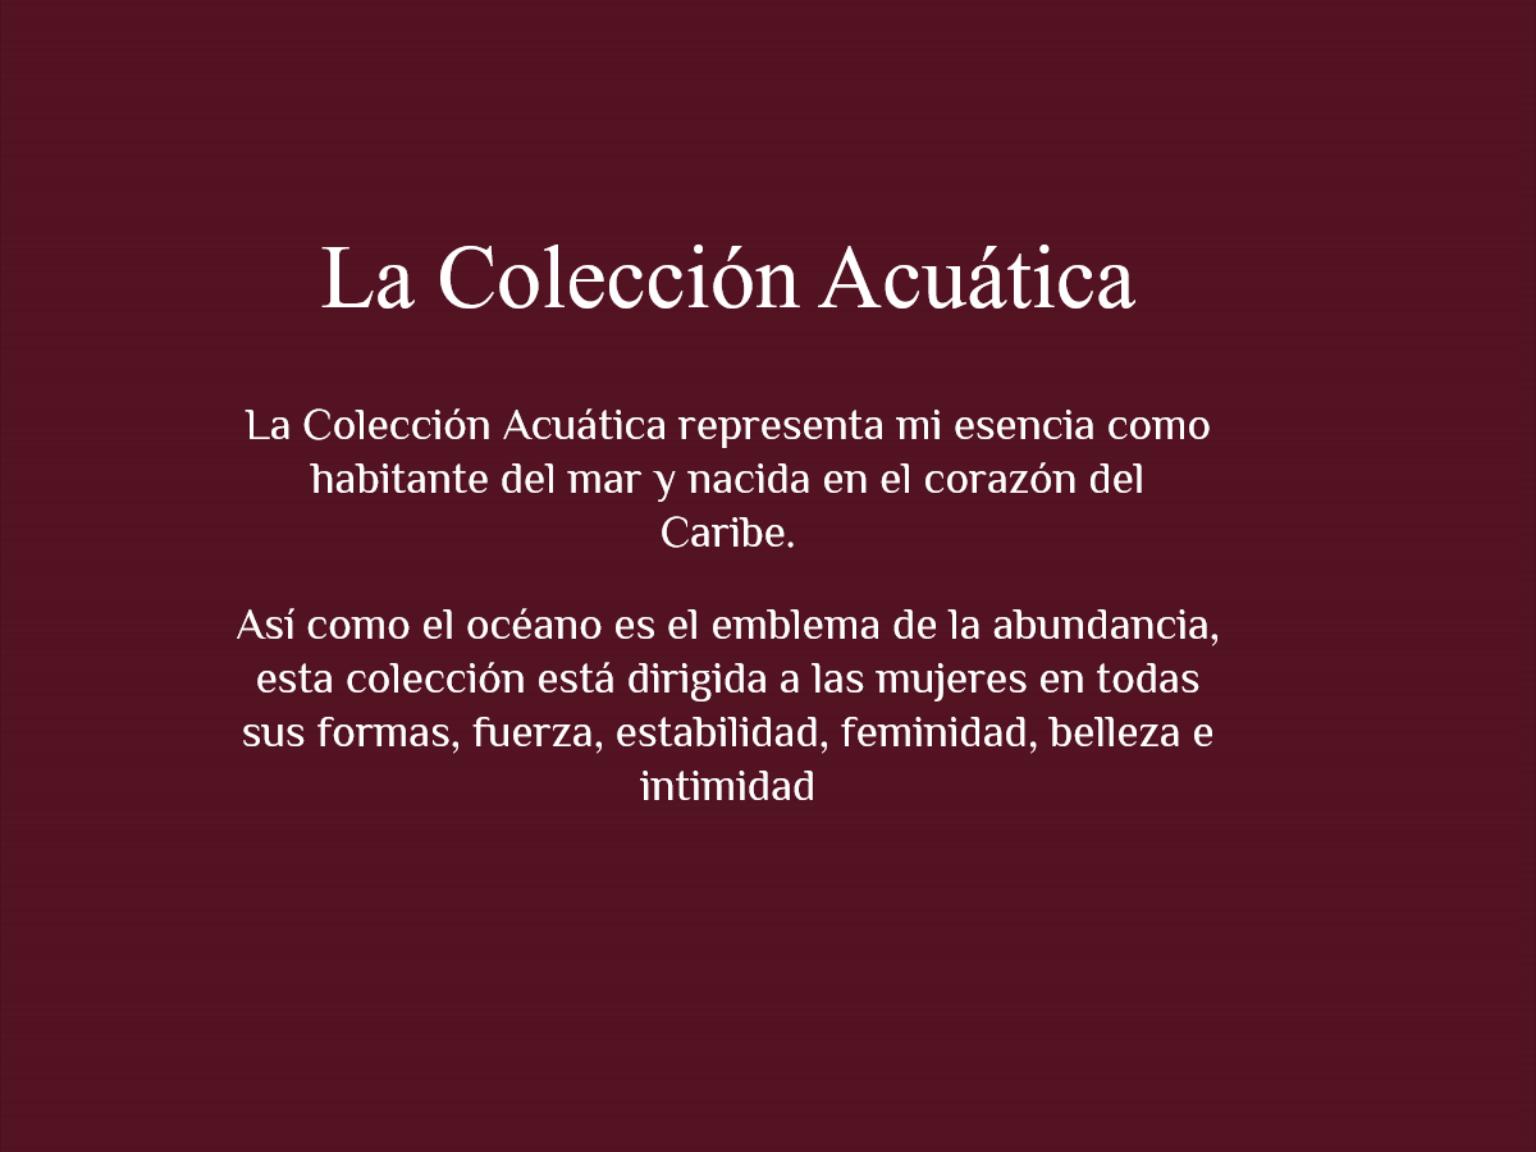 la coleccion aquatica 2